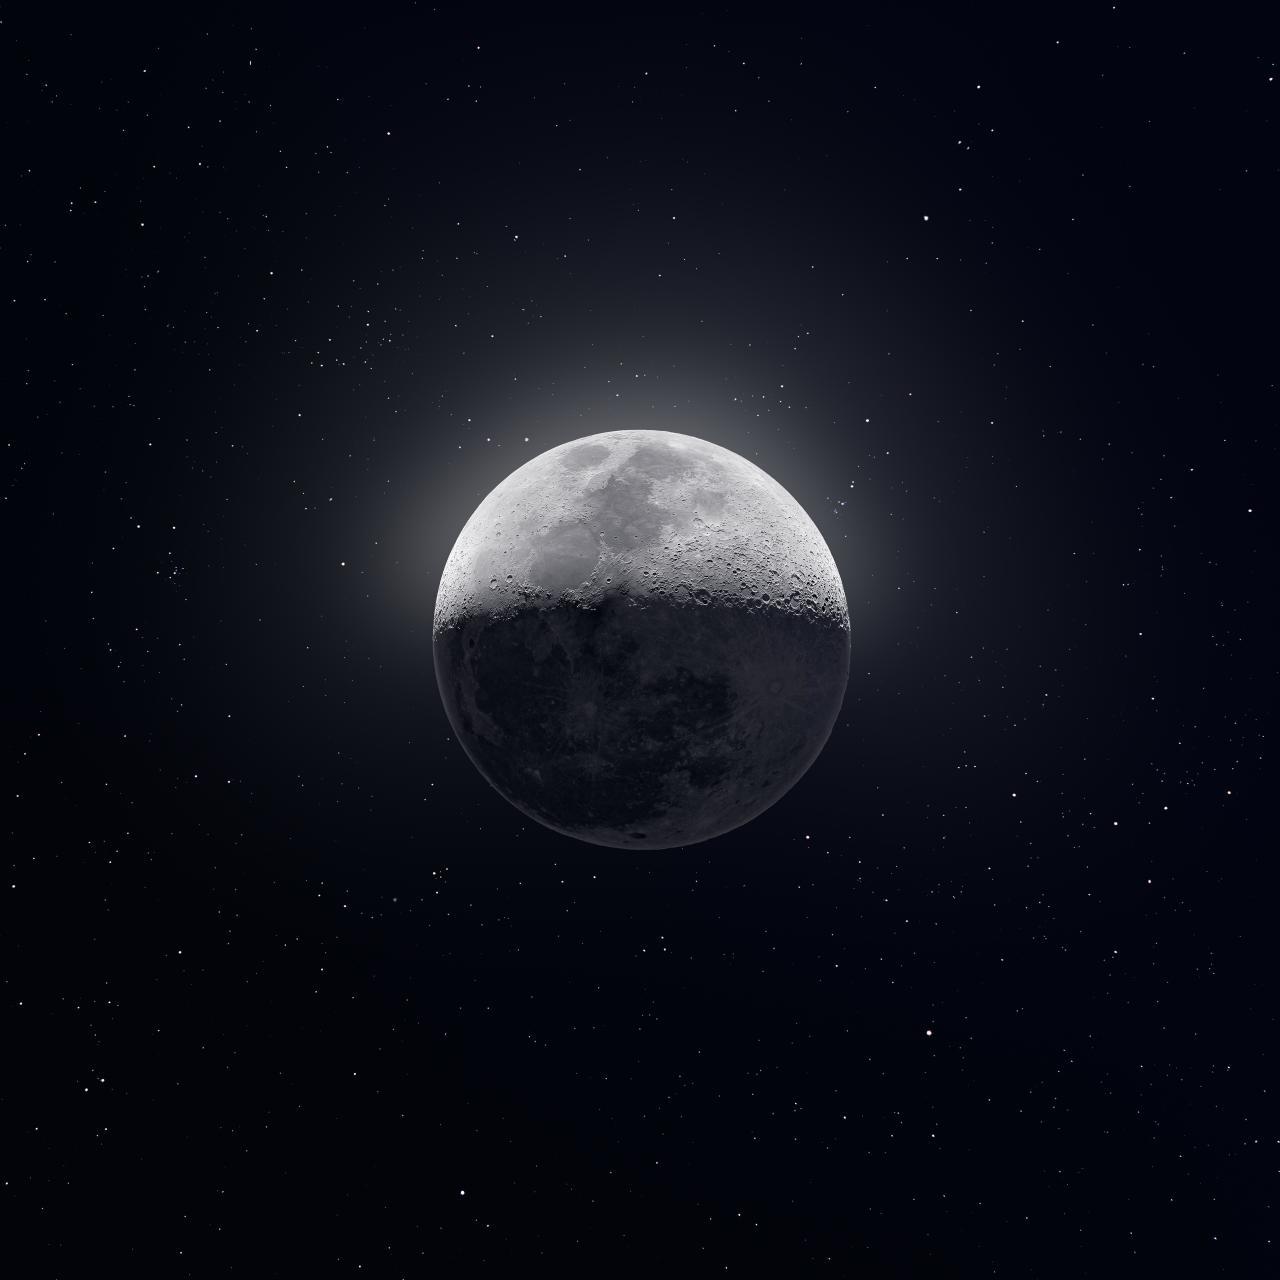 А все уже видели фотографию луны, собранную из 50 тыс. снимков?